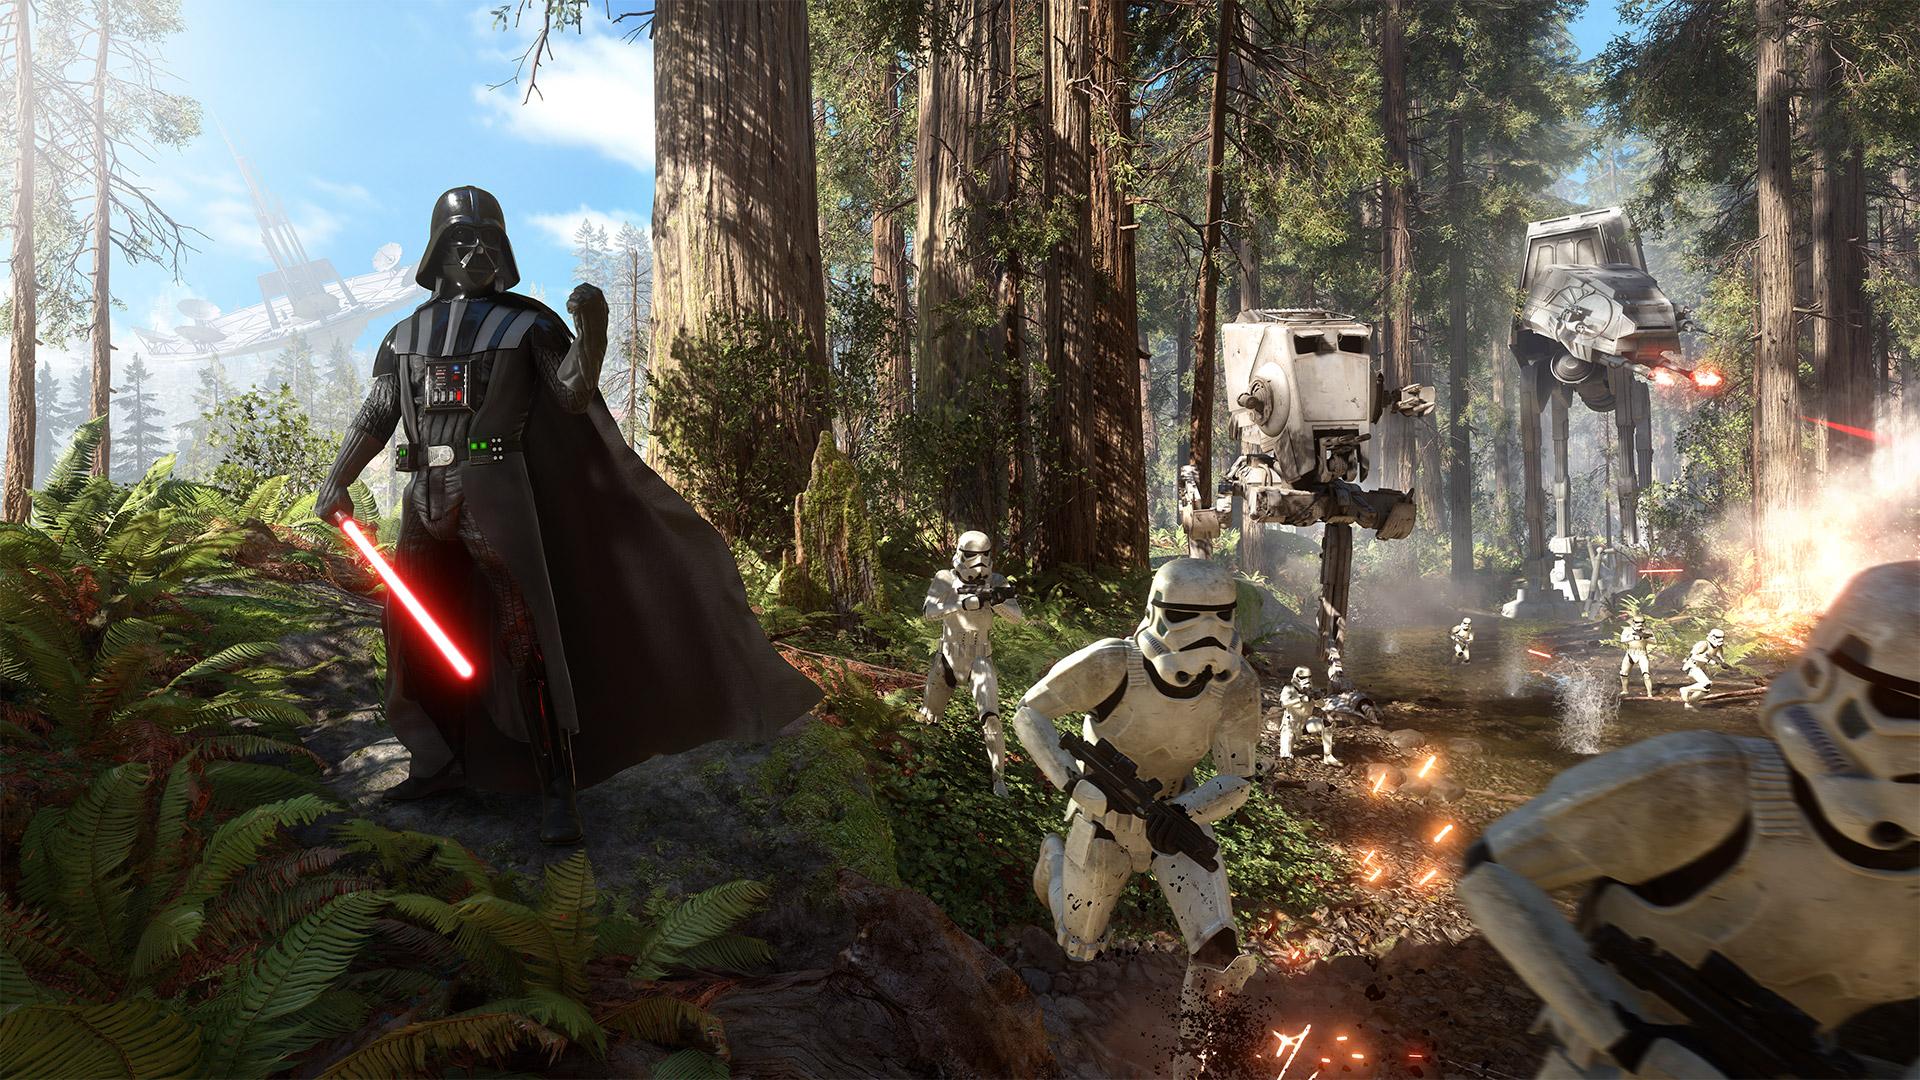 Star Wars: Battlefront luna de Endor EGLA